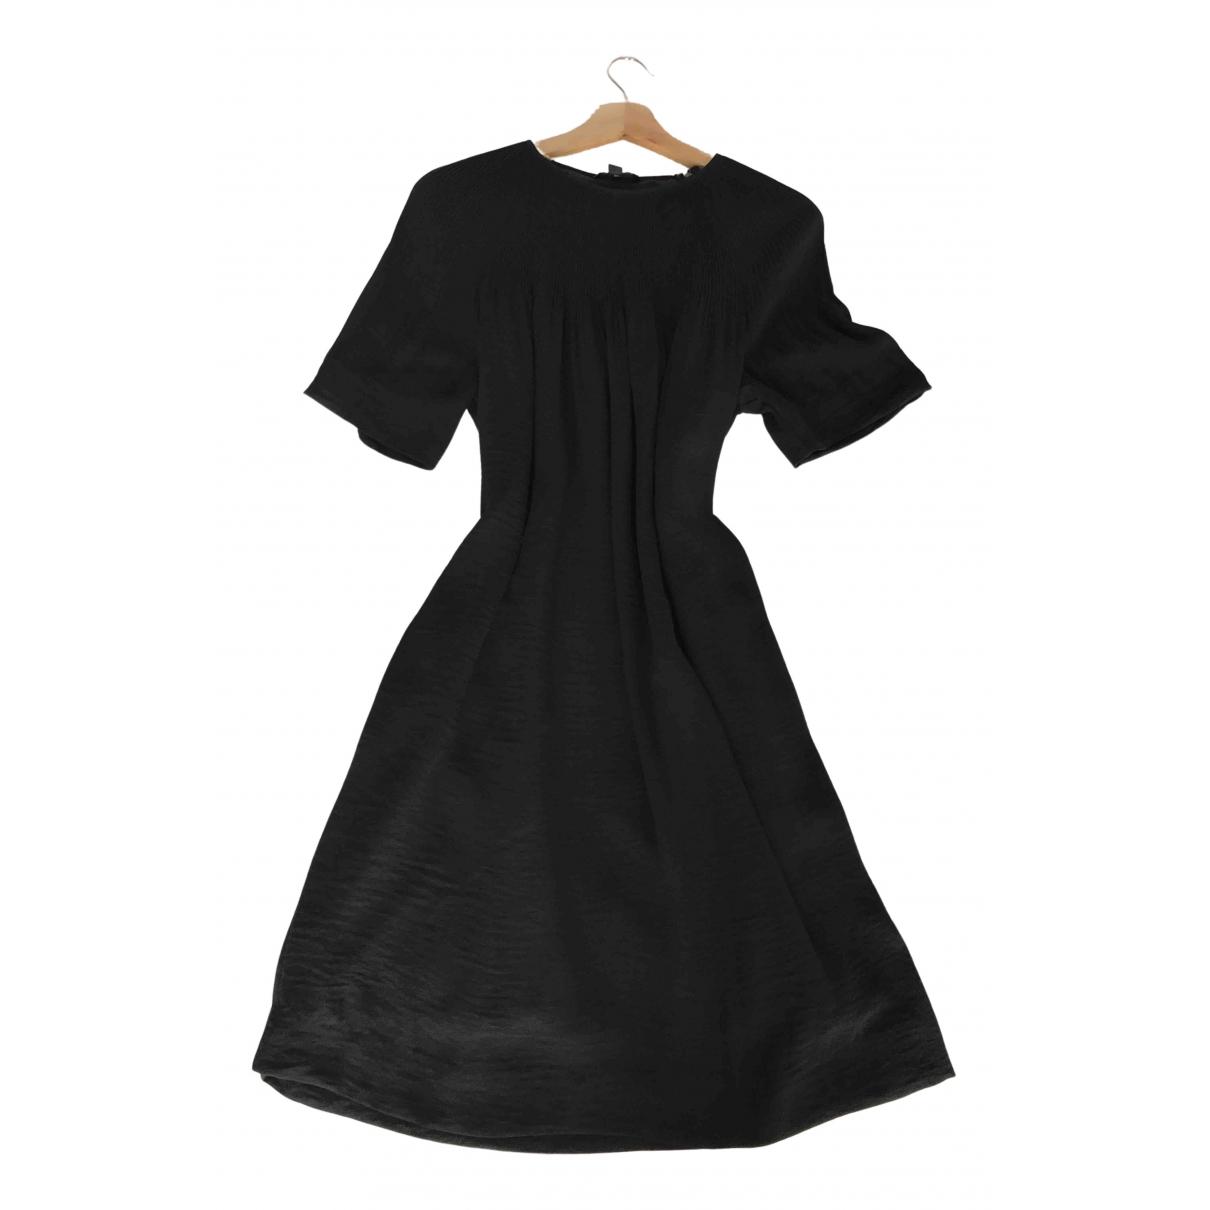 Cos - Robe   pour femme - noir